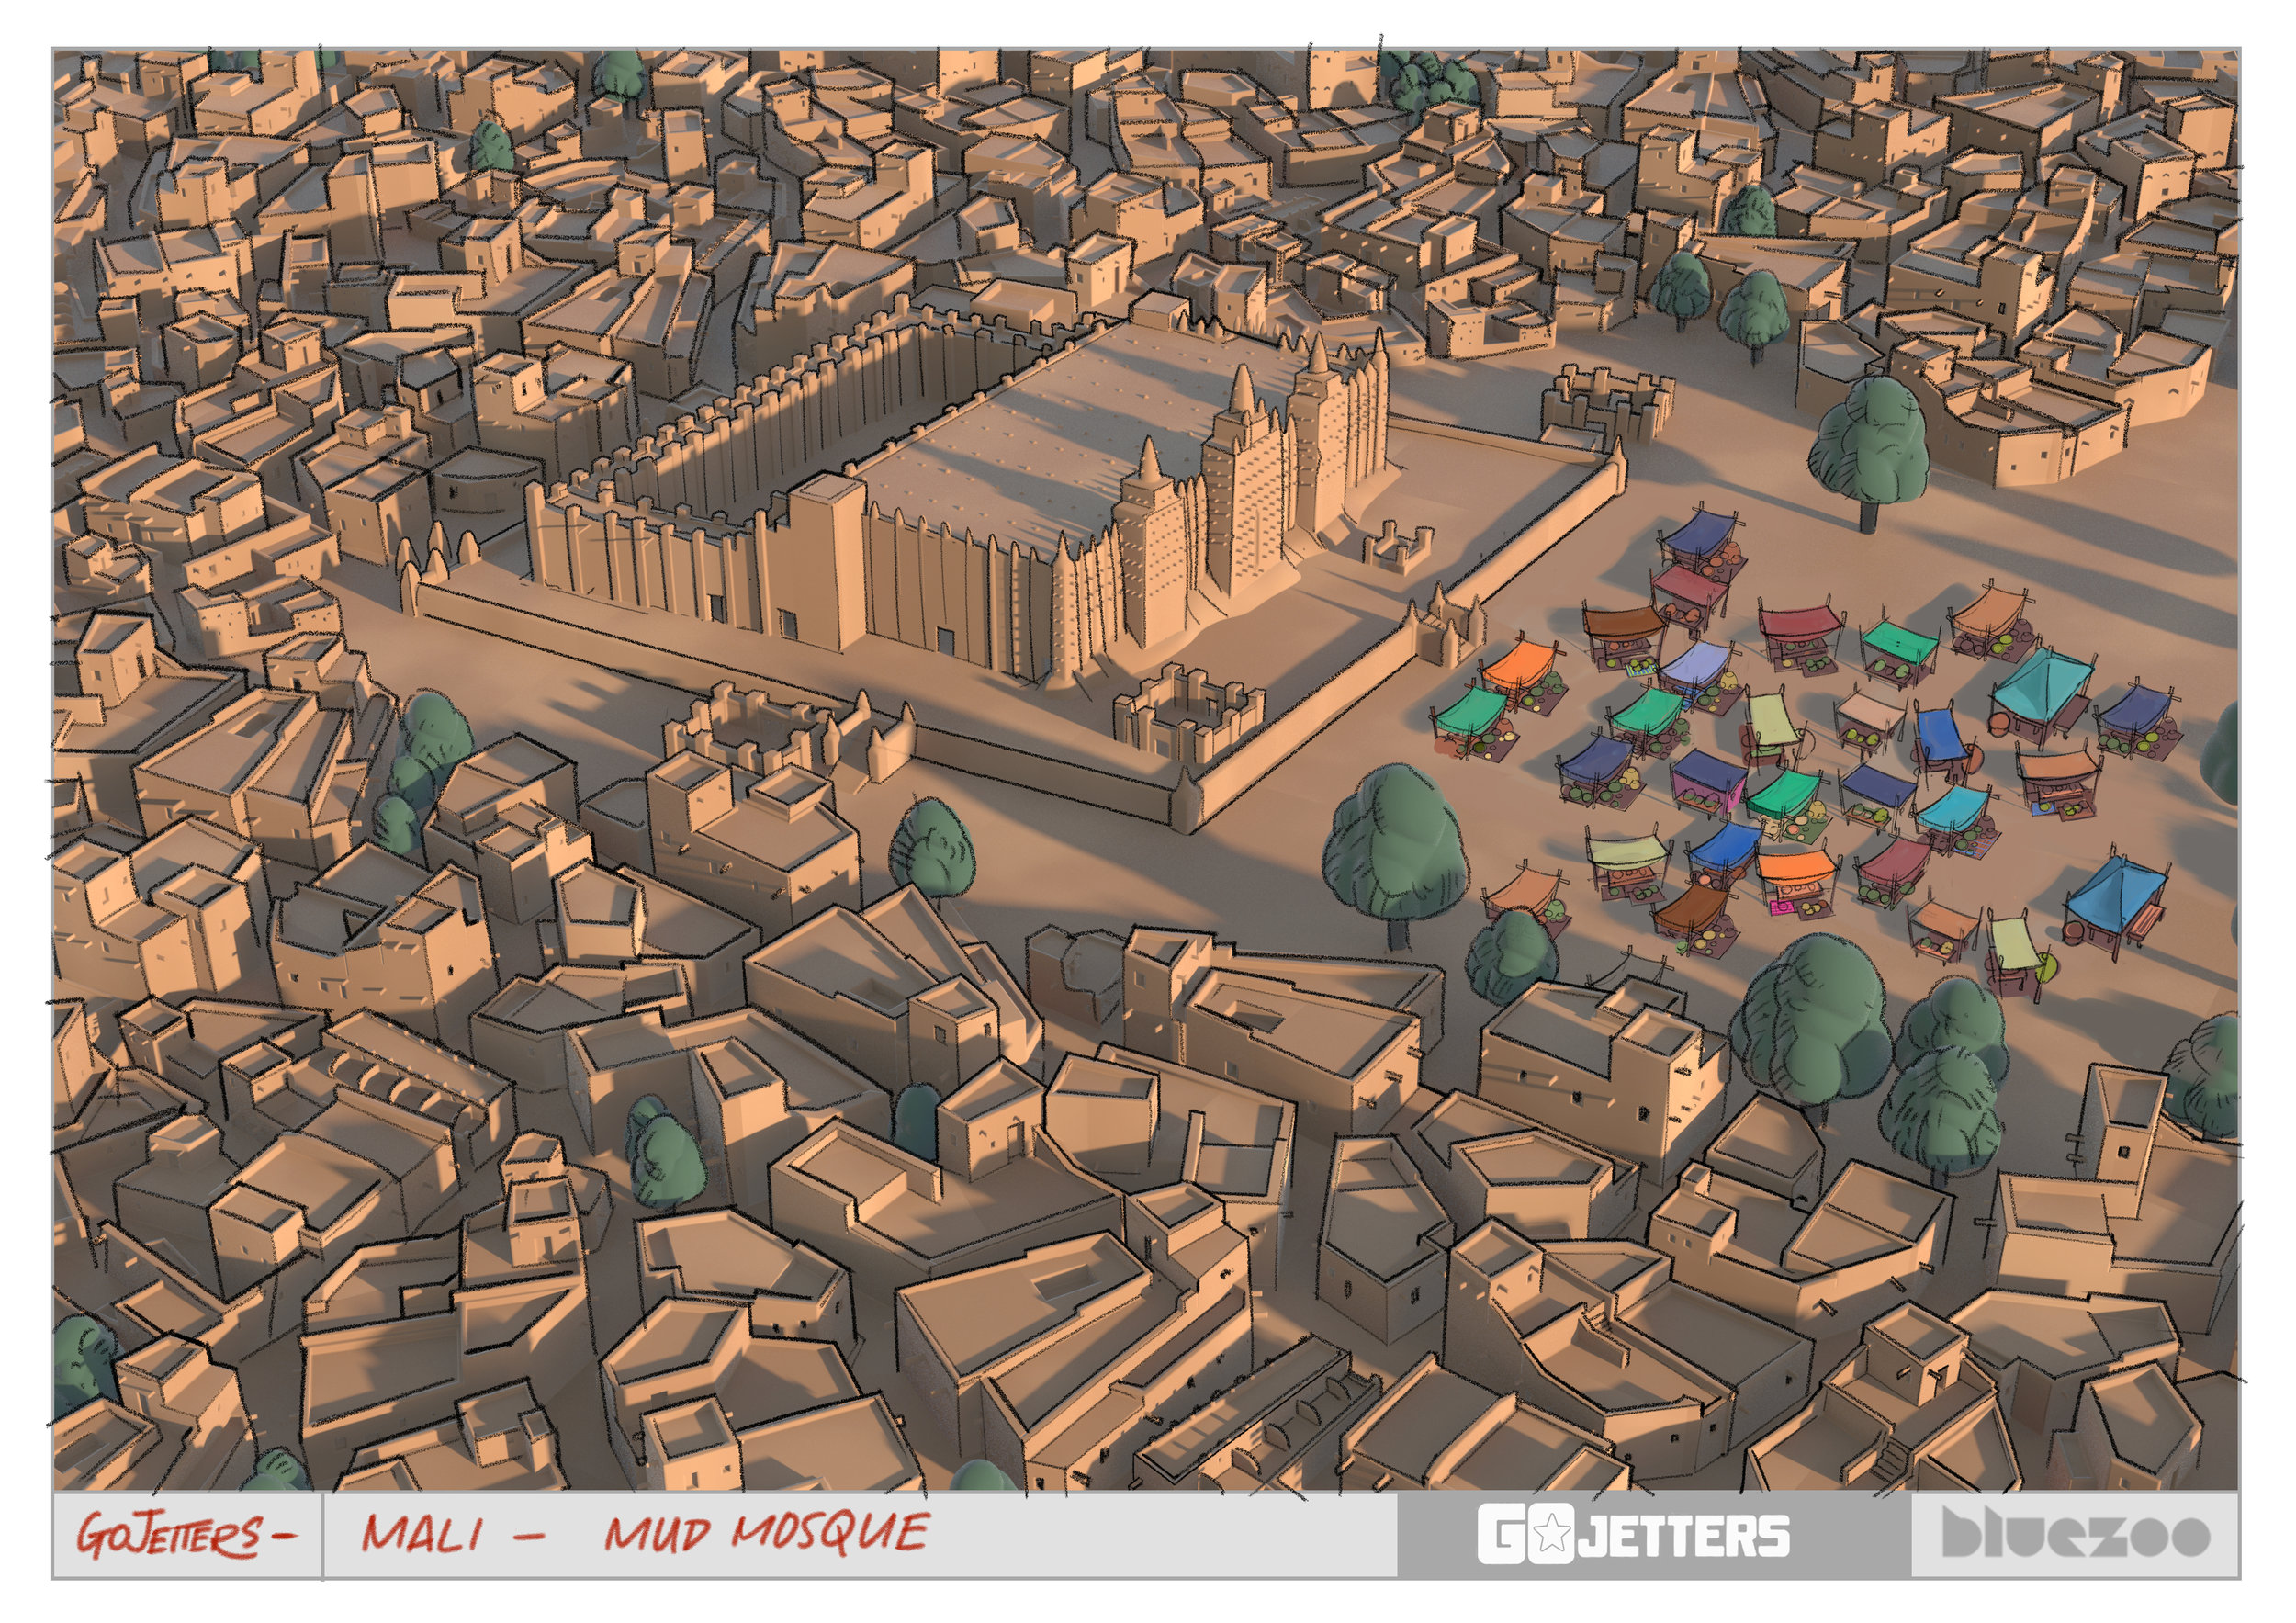 BBCPicture_01_AerialViewofMosque.jpg